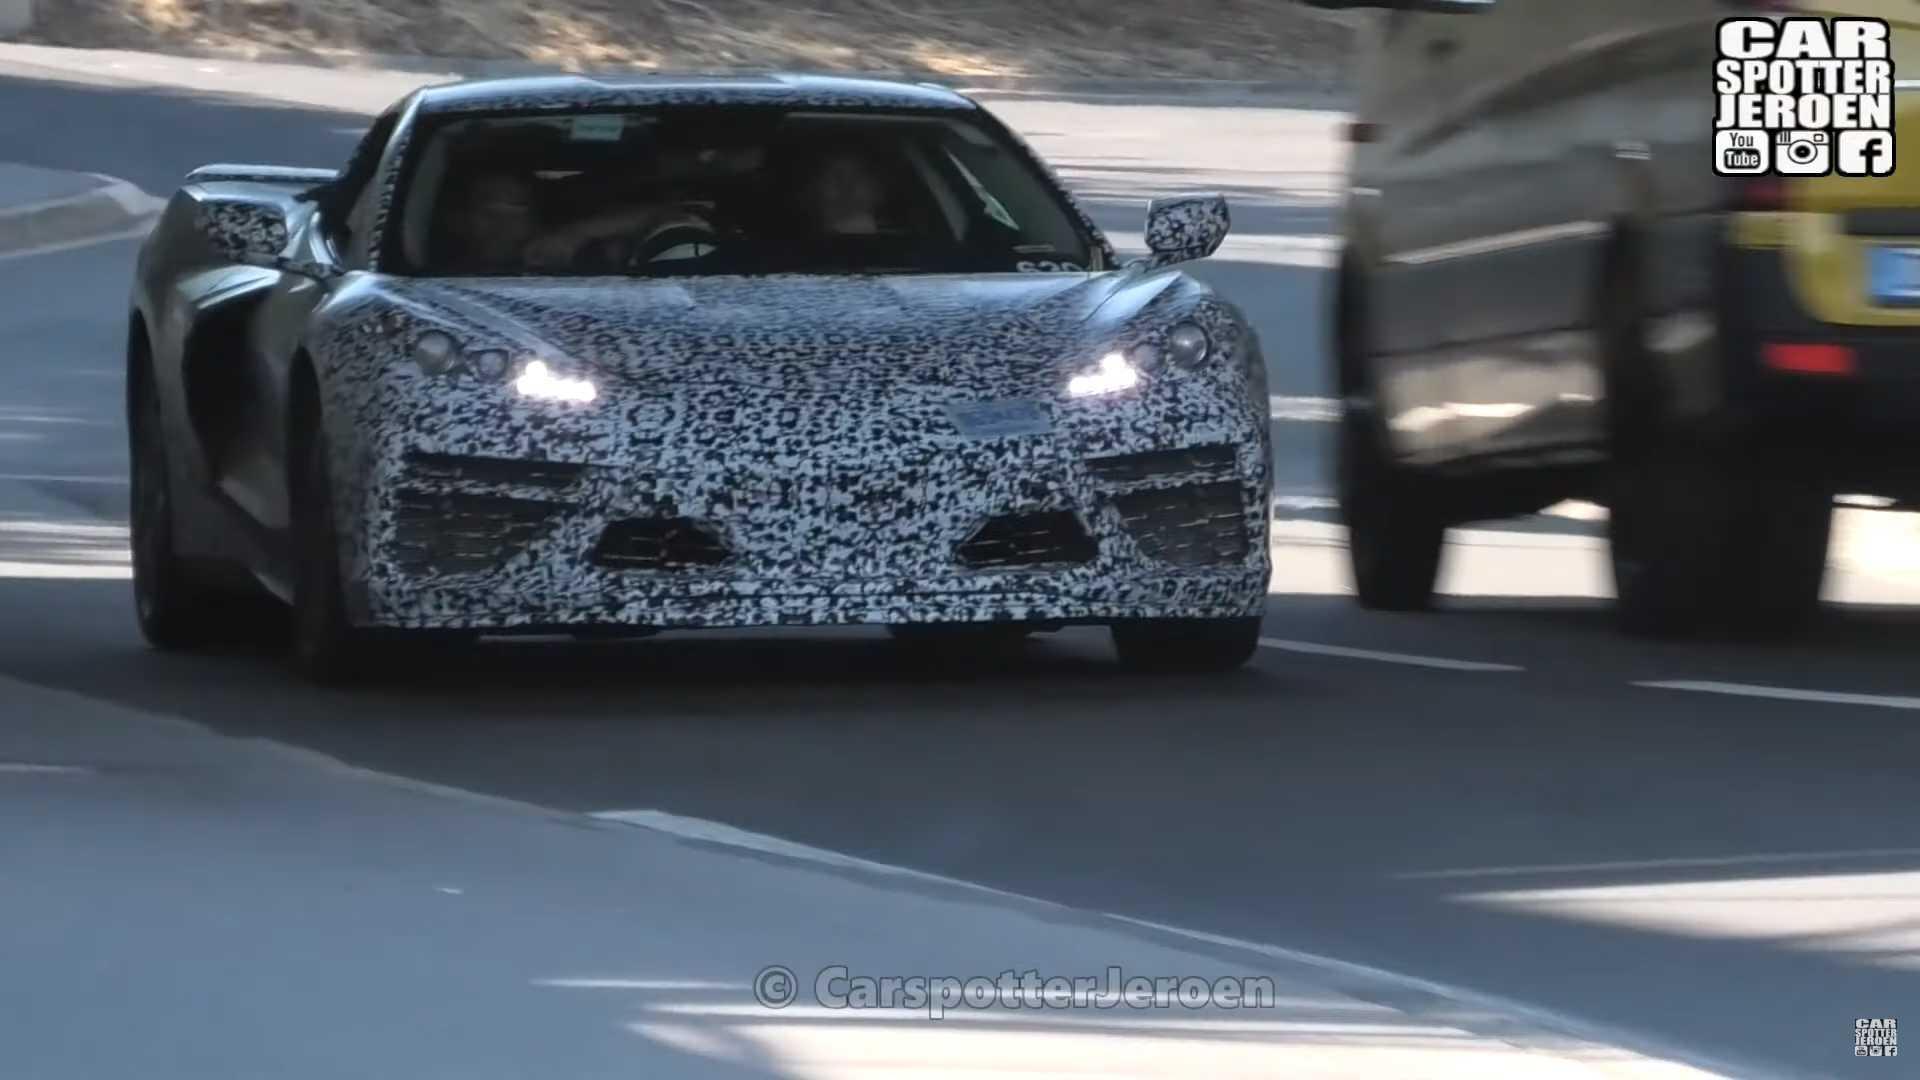 C8 Corvette снова наблюдал, показывая чистые линии под оберткой Camo